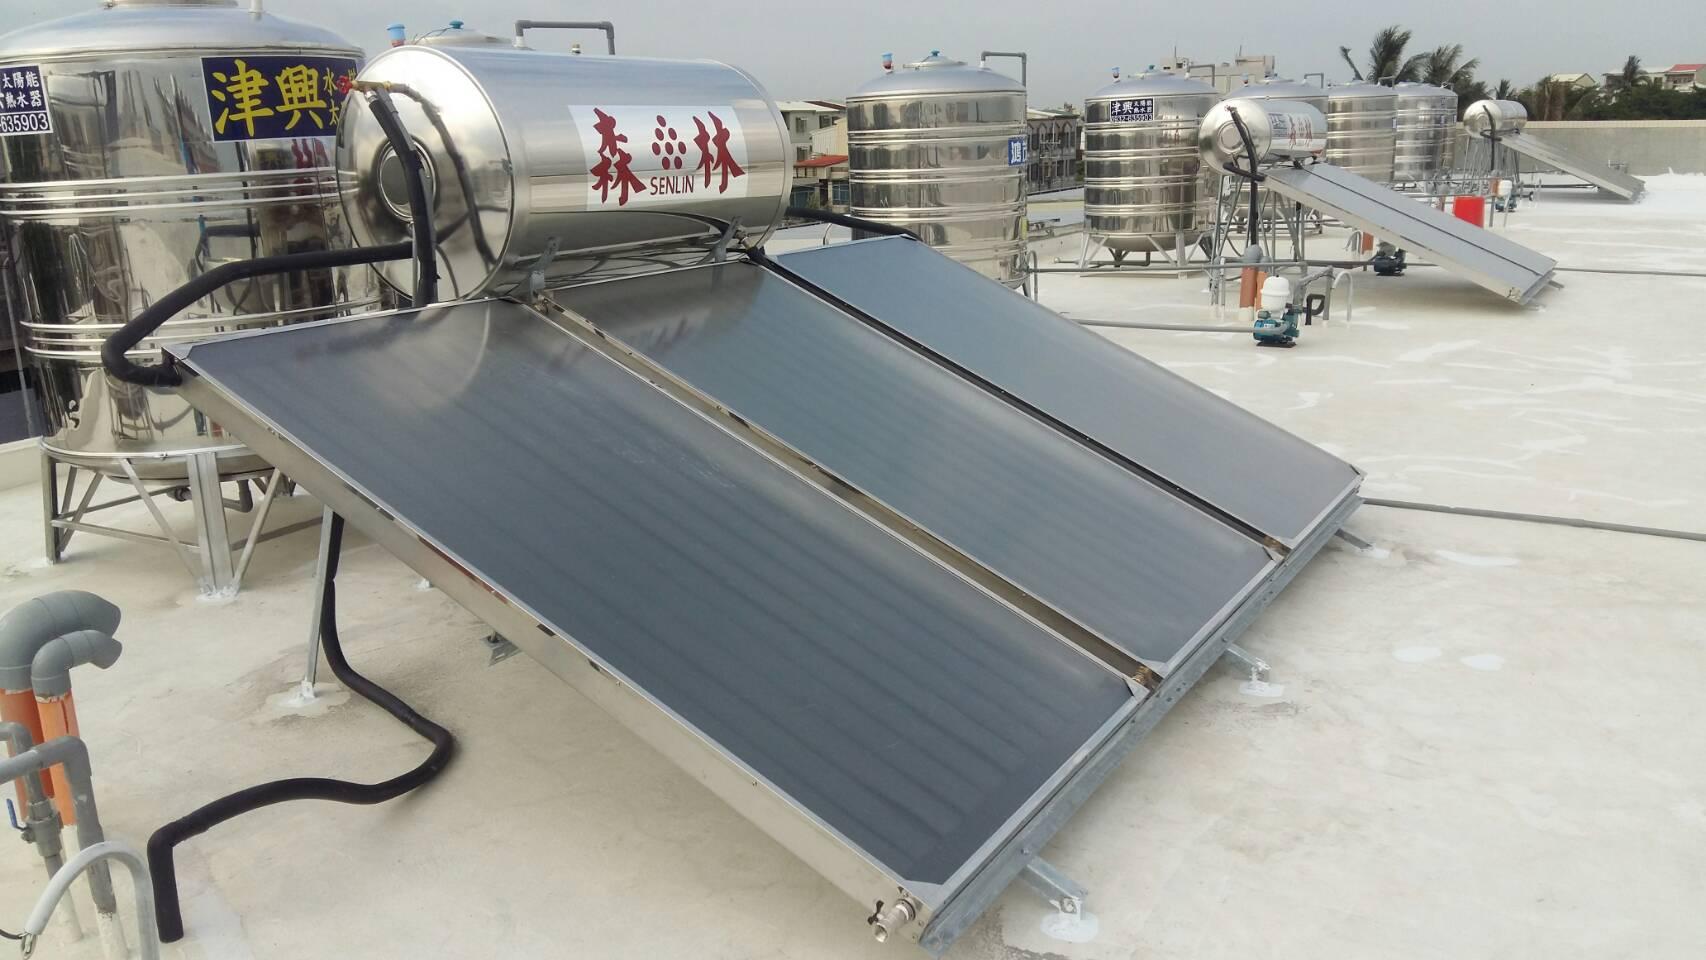 台南市安南區土城(夏沐漱石)-森林太陽能熱水器三片一桶(300公升) 2T防震型水塔(槽型腳架)